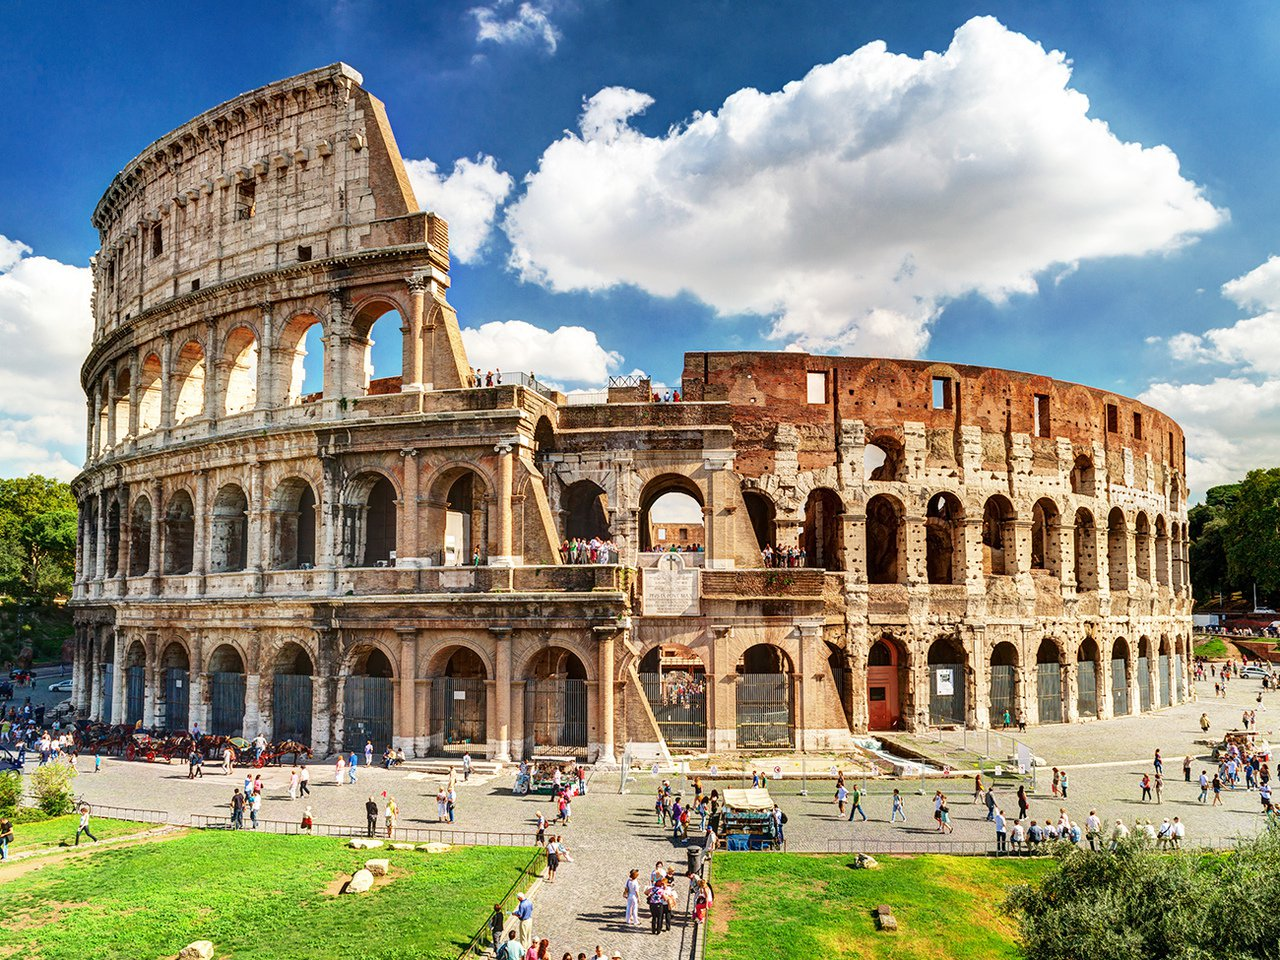 歐洲擁有不少人文藝術相關行程,也是孝親旅遊的熱門選擇。圖/易遊網提供